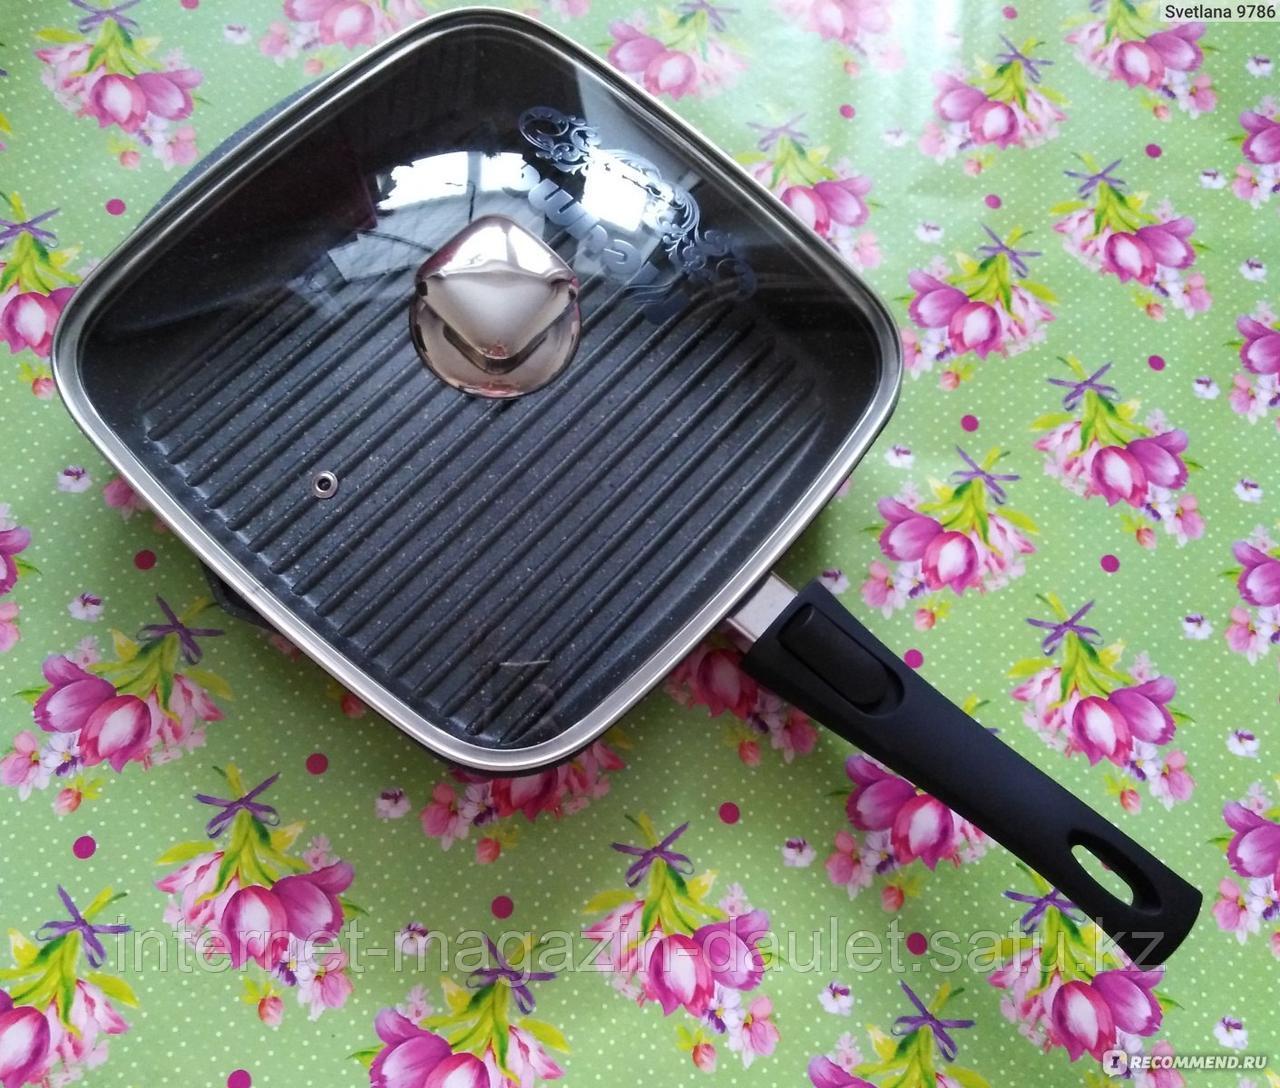 Сковорода-гриль квадр. 26*26 Гранит со съёмной ручкой и стеклянной крышкой